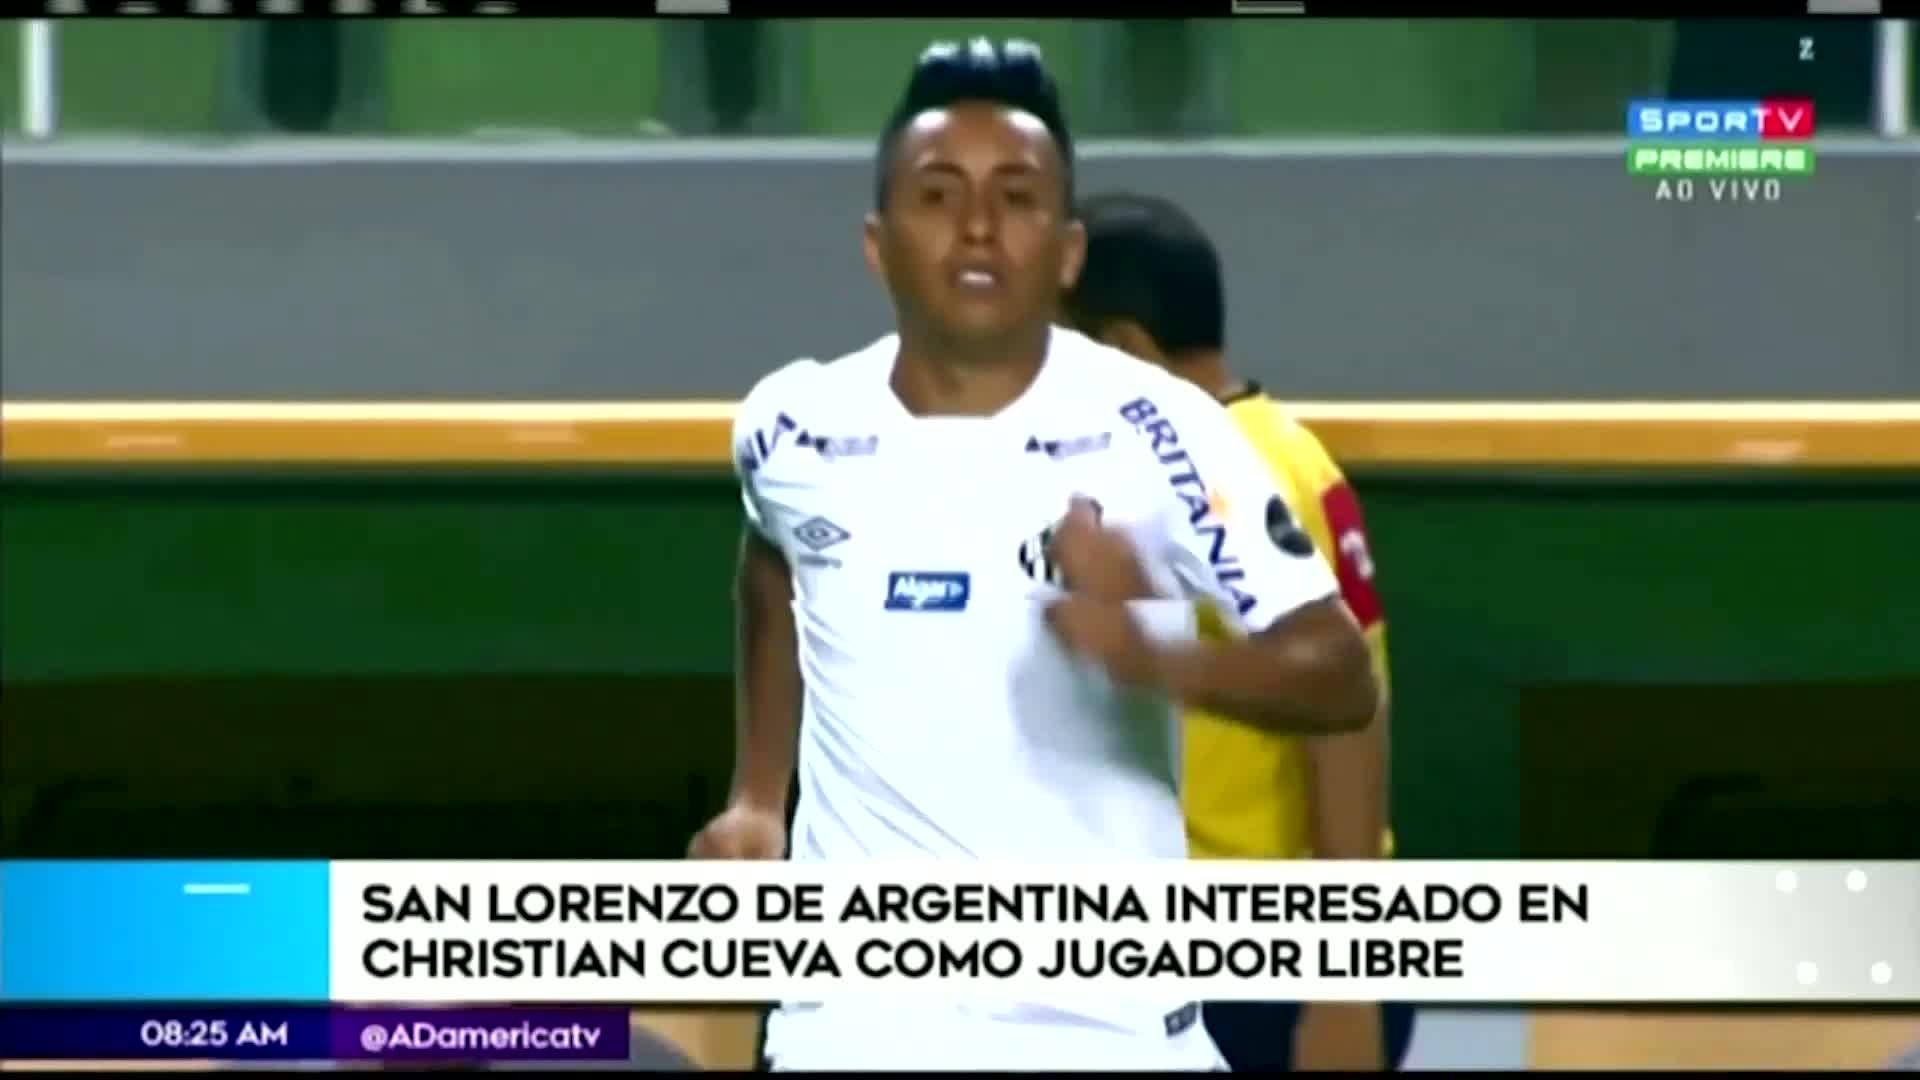 Esta es la condición para que Christian Cueva llegue a San Lorenzo de Argentina